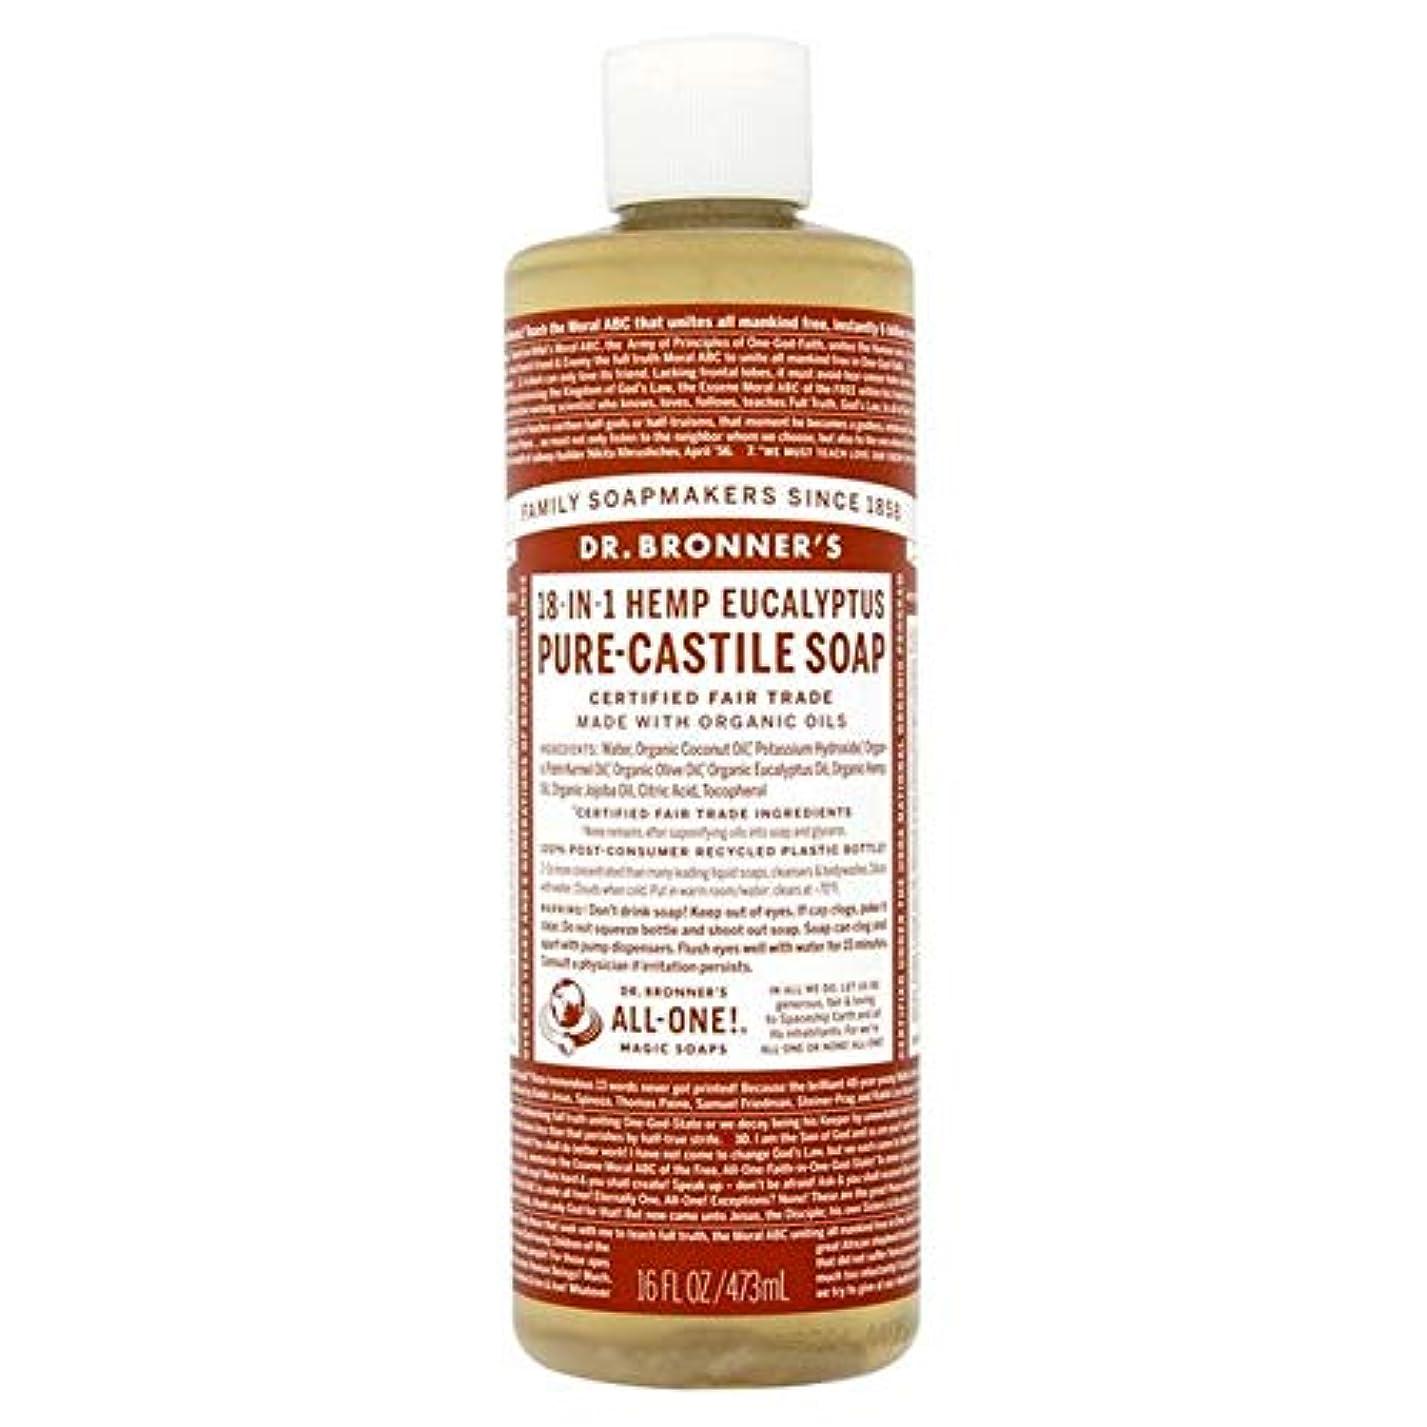 平和的拡声器マークダウン[Dr Bronner] Dr。ブロナーズ有機ユーカリの純粋な-カスティーリャ液体石鹸473ミリリットル - Dr. Bronner's Organic Eucalyptus Pure-Castille Liquid Soap...